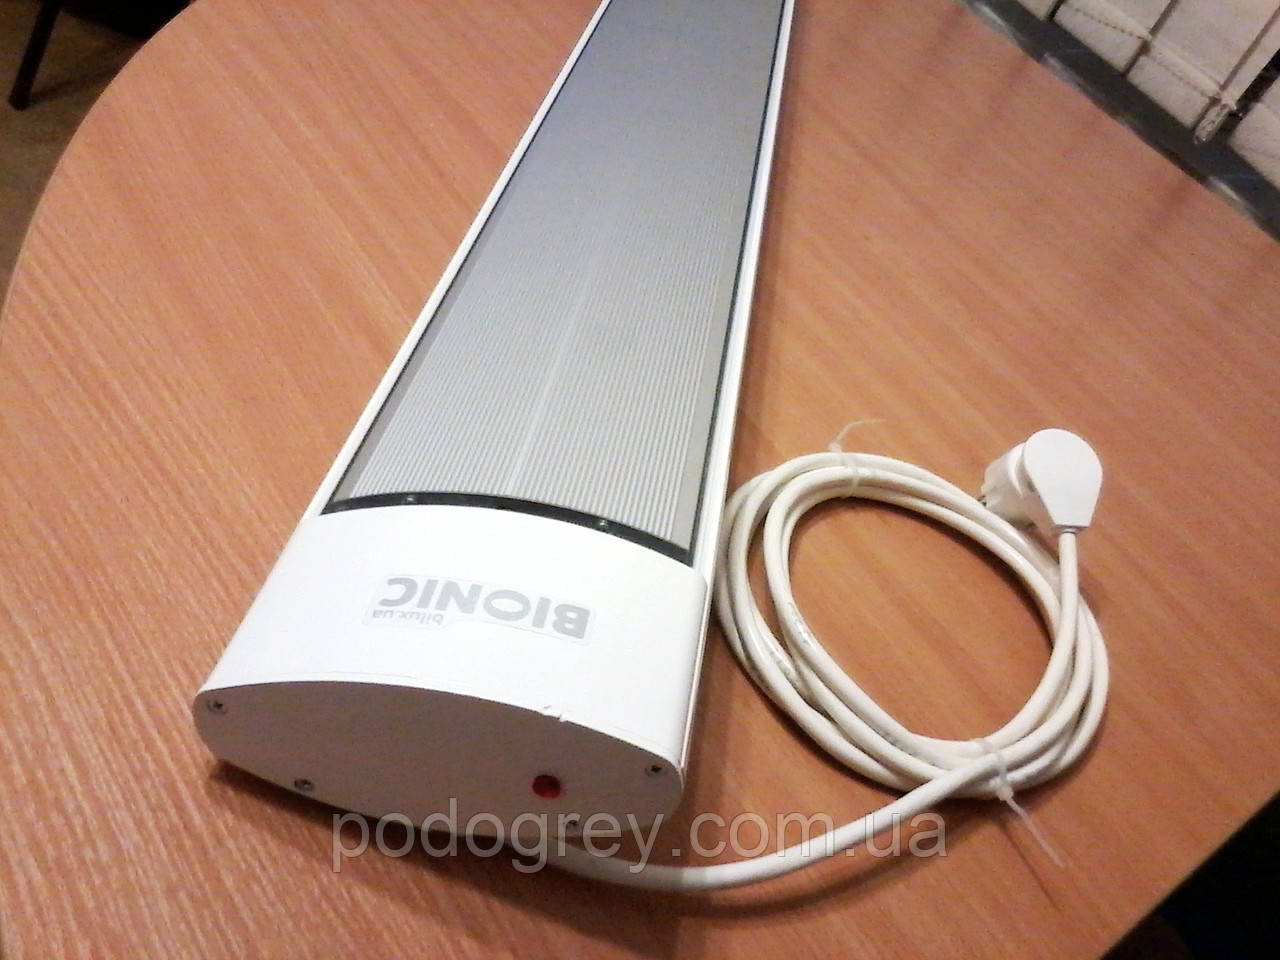 Обогреватель потолочный длинноволновый Билюкс Bionic B-1350 (1200Вт)